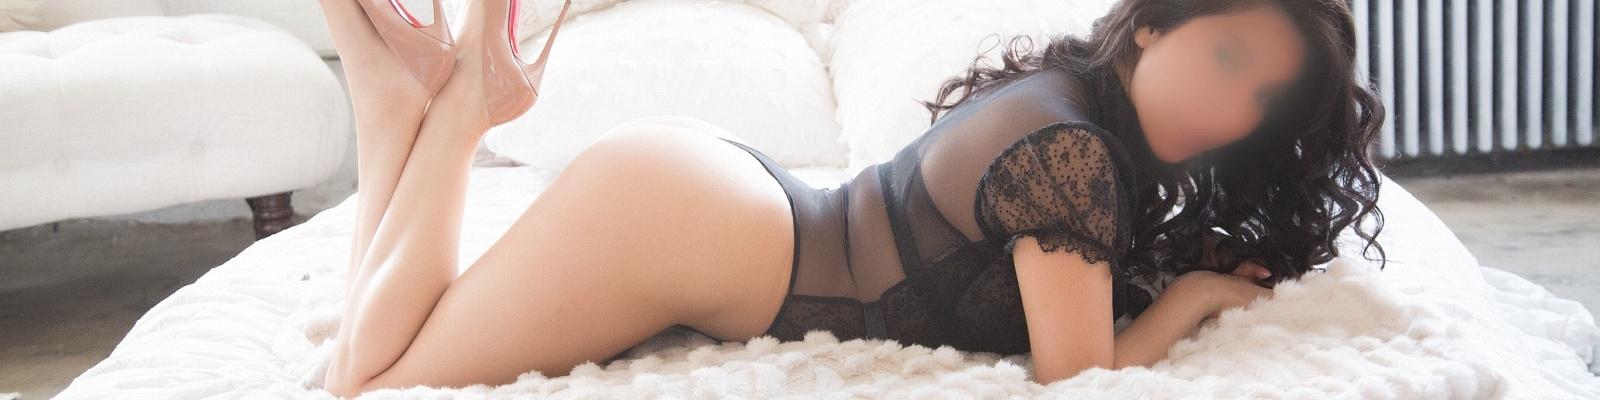 Naudia Grey's Cover Photo